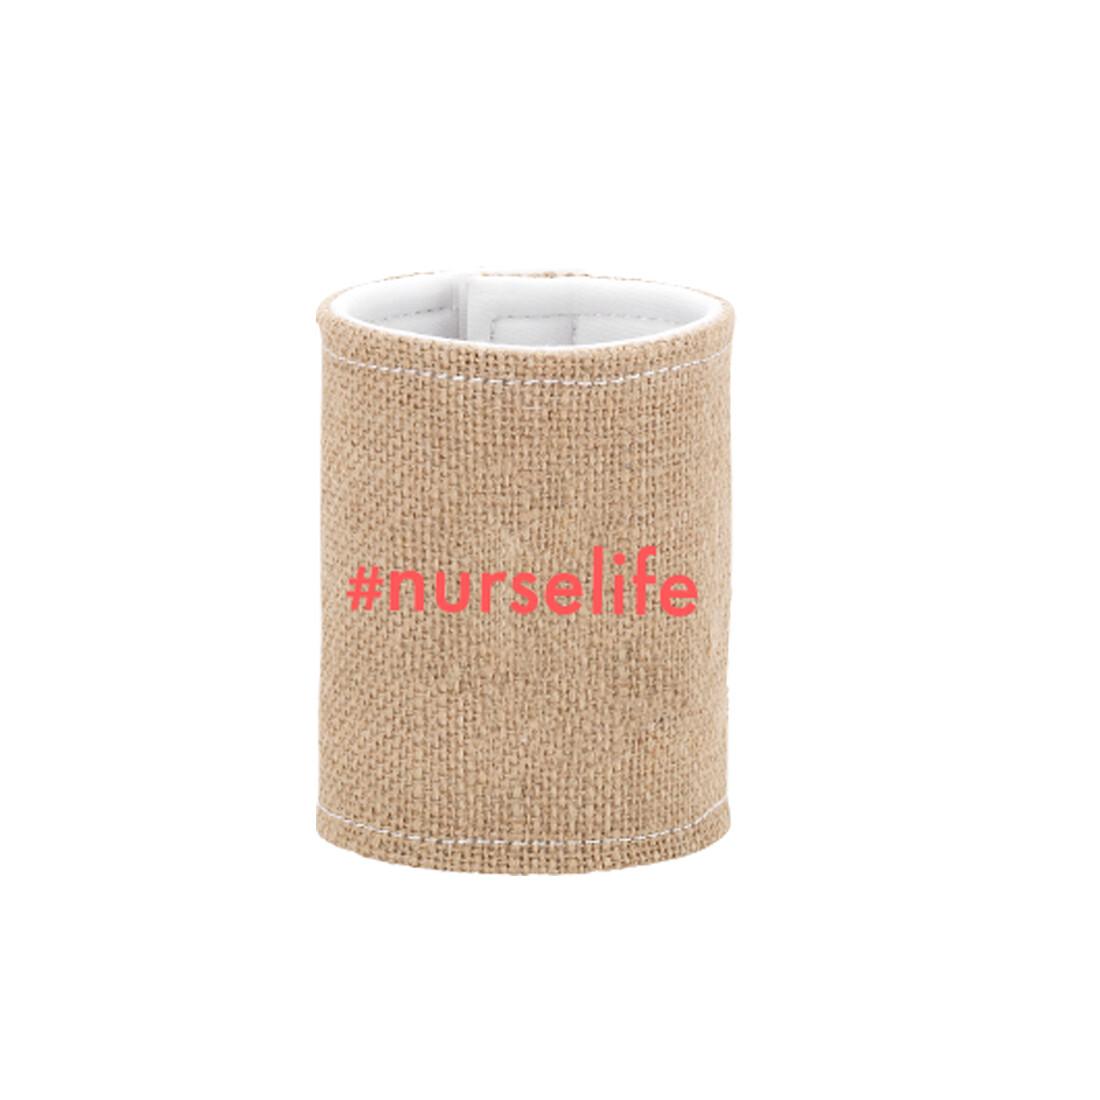 #nurselife Burlap Drink Wrap